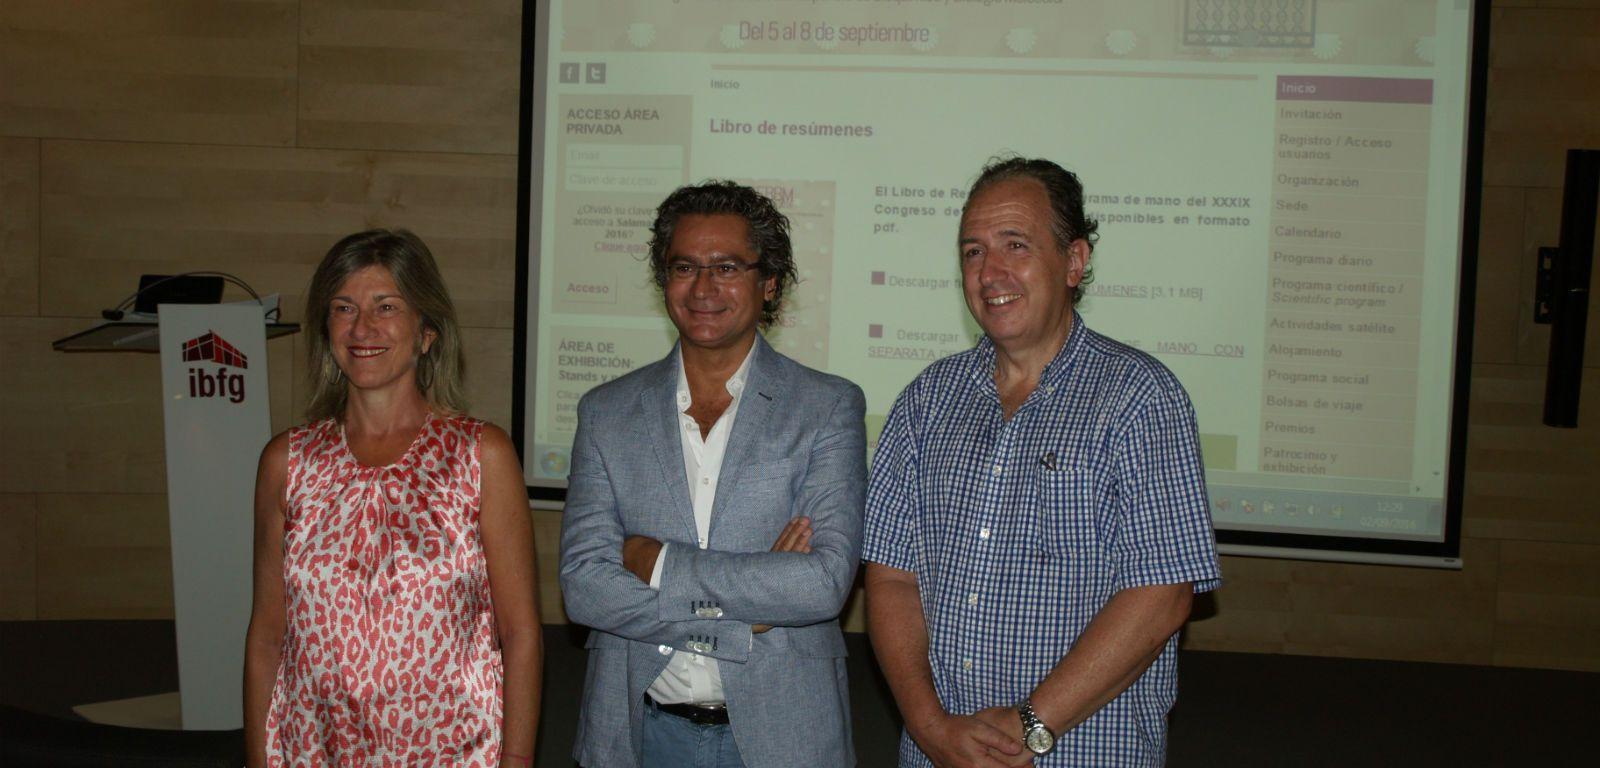 De izquierda a derecha Ángeles Almeida, Juan Pedro Bolaños y Emilio Fernández